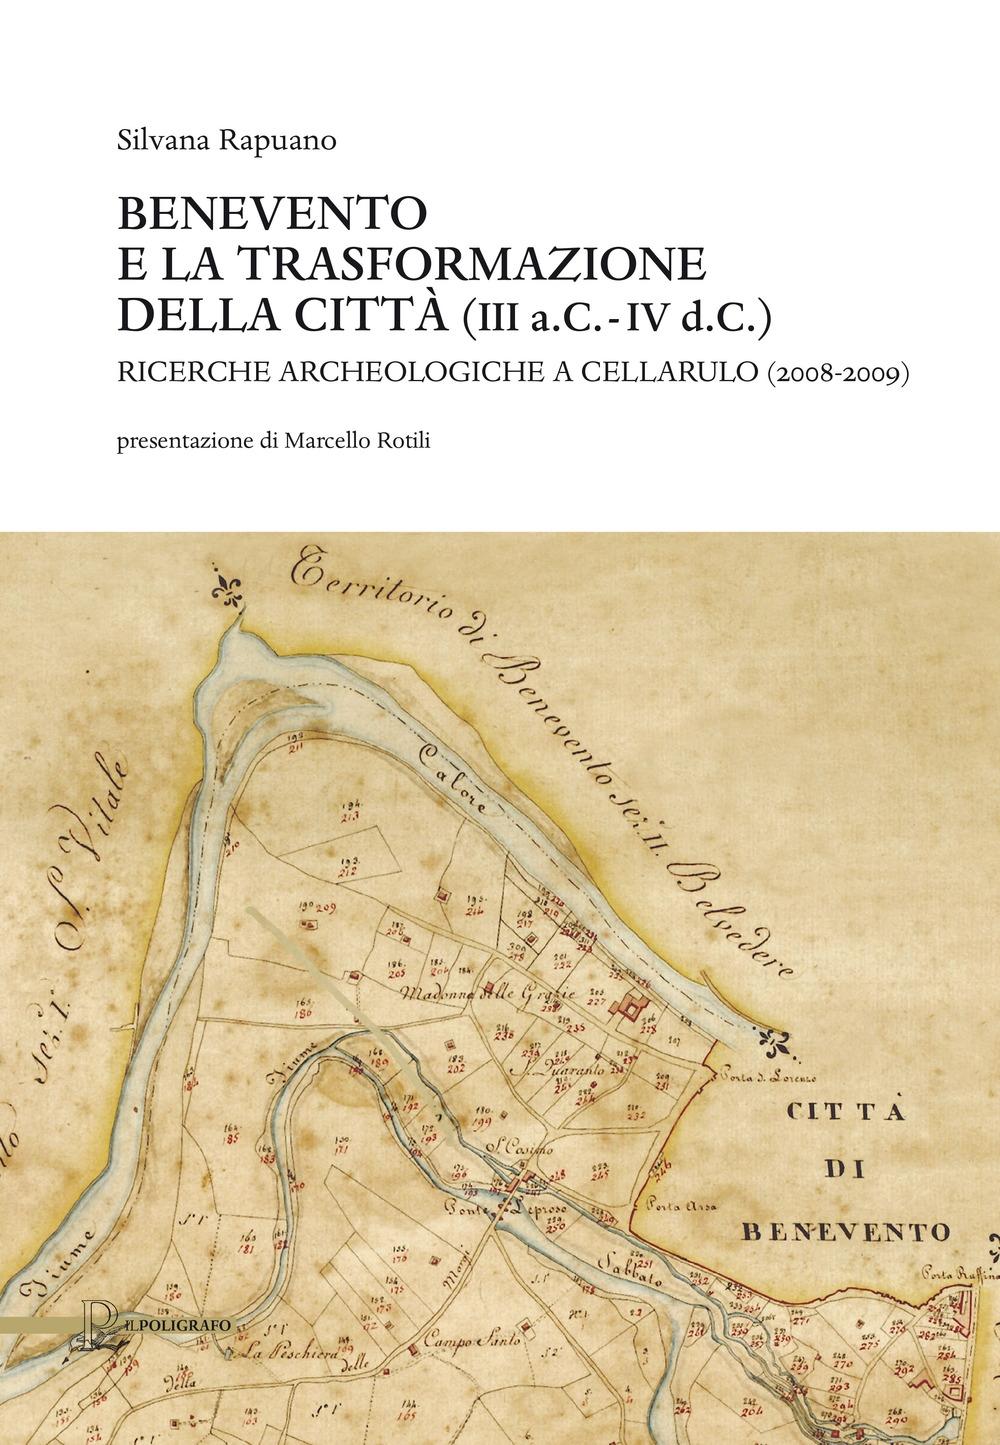 Benevento e la trasformazione della città (III a.C.-IV d.C.). Ricerche archeologiche a Cellarulo (2008-2009)